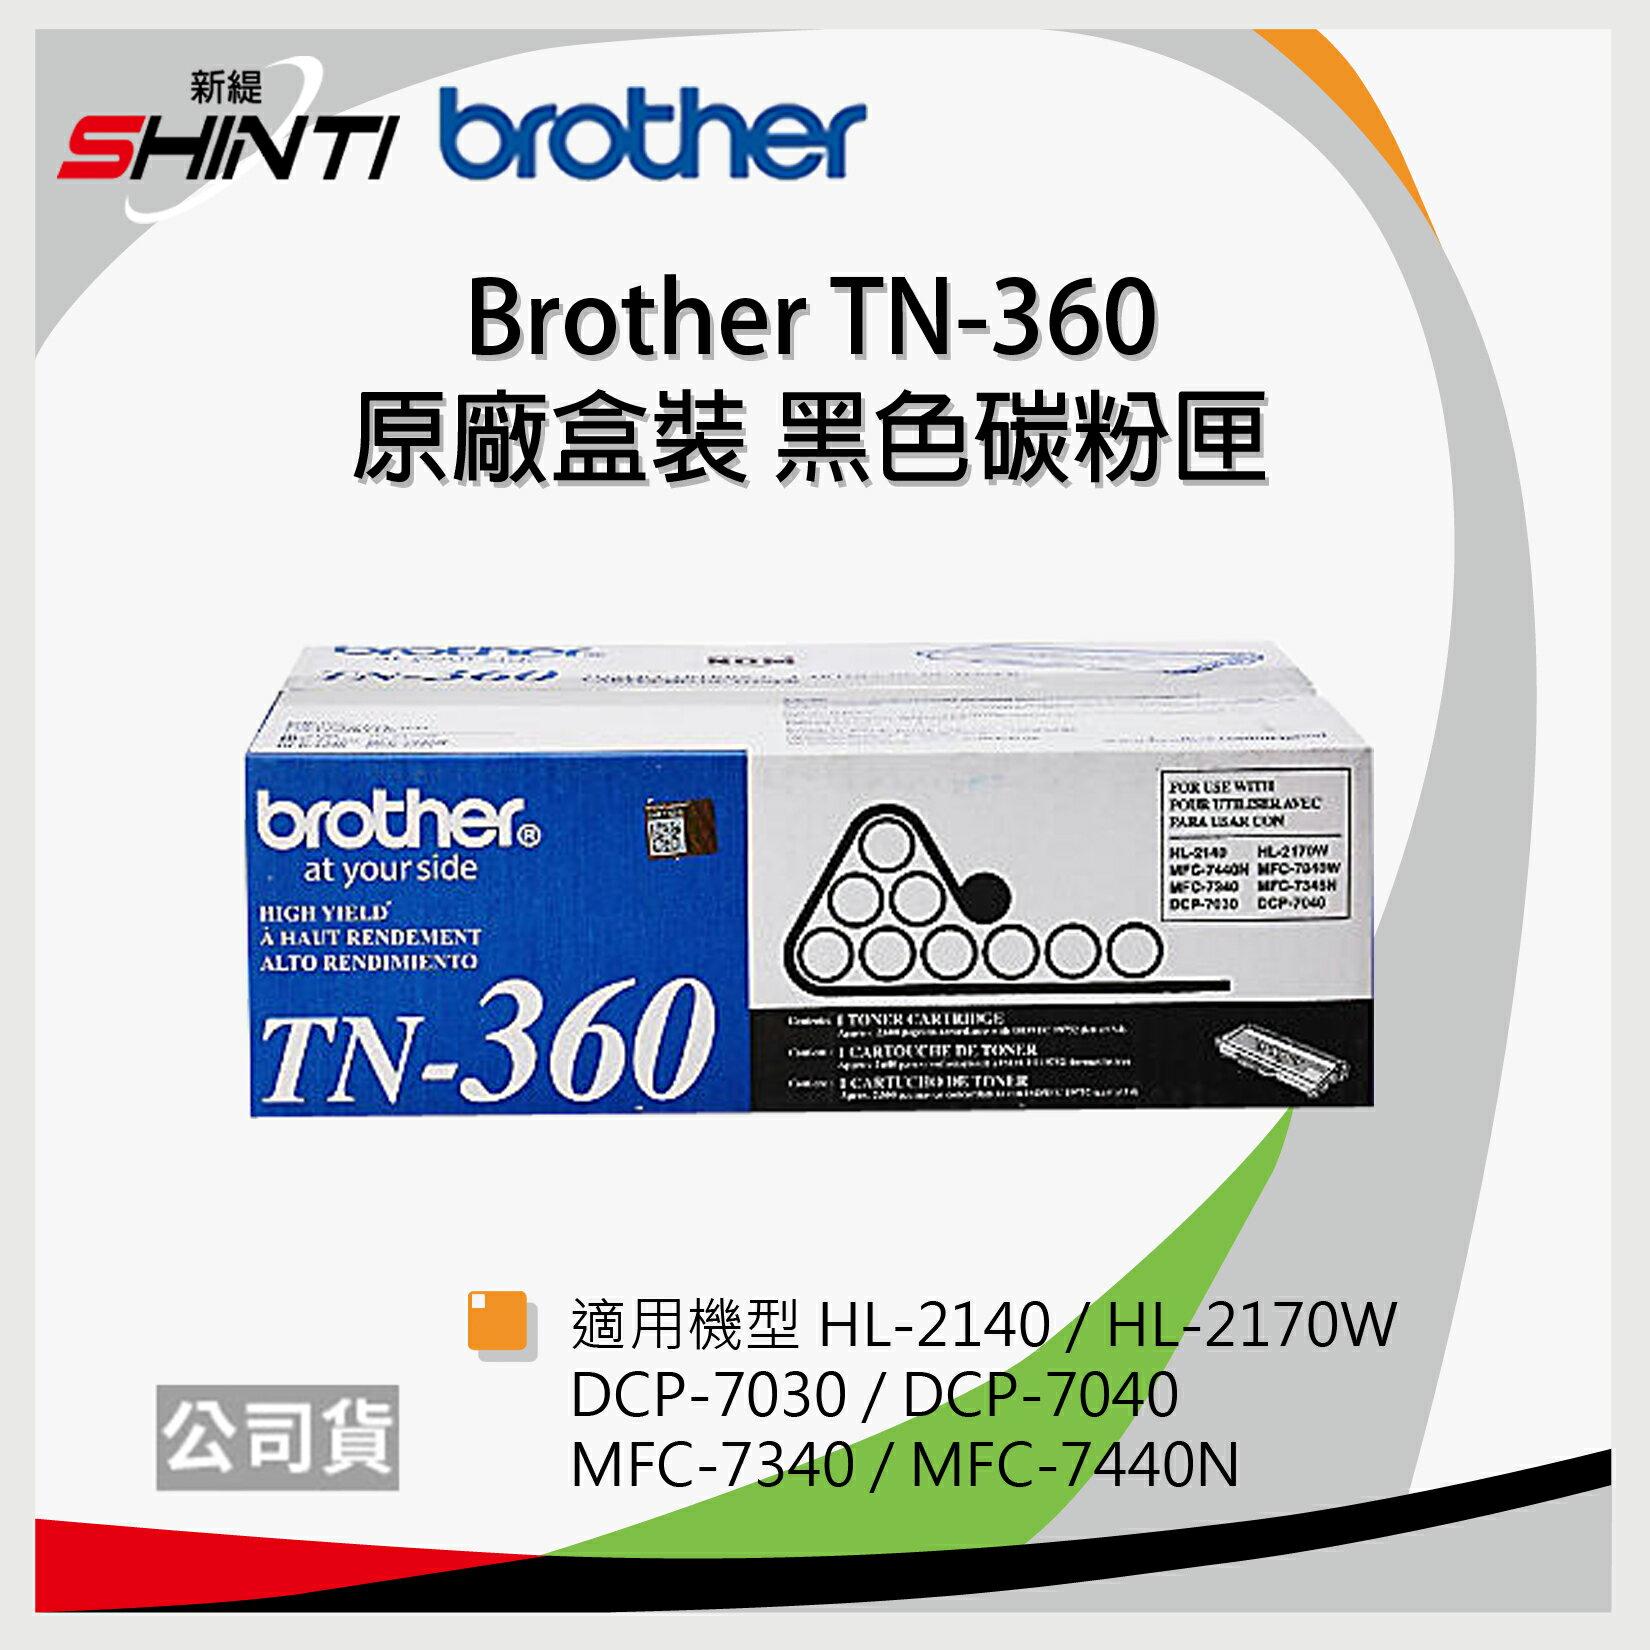 【免運】brother TN-360 原廠盒裝雷射碳粉匣 *適用DCP-7030/7040/HL-2140